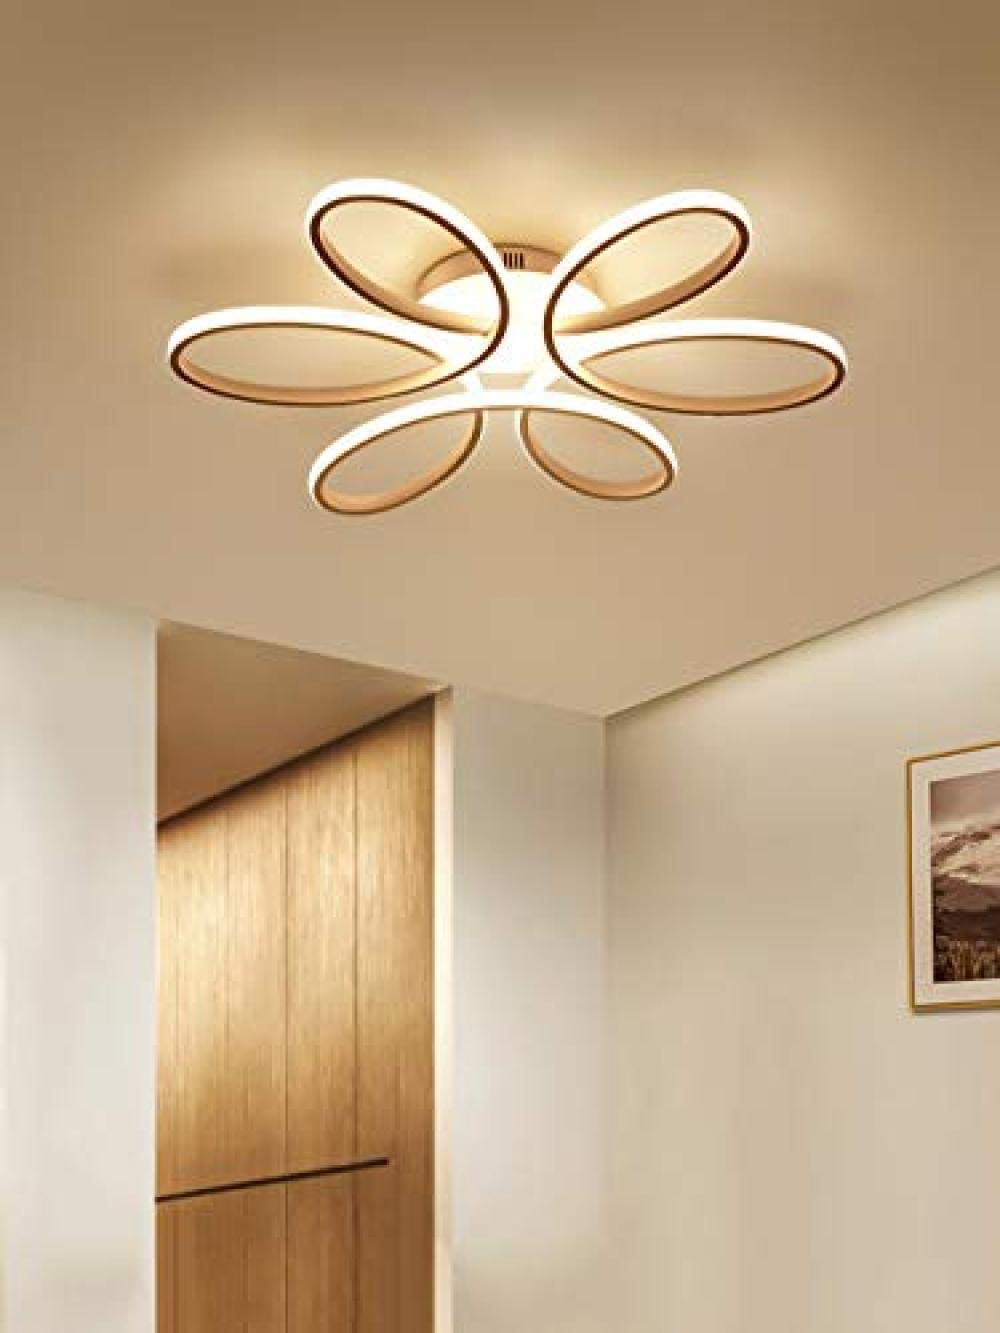 Zqq87 Moderni Lampadari Plafoniera Led Soffitto 85w Creativo Forma Di Fiore Lampada Da Acrilico Paralume In